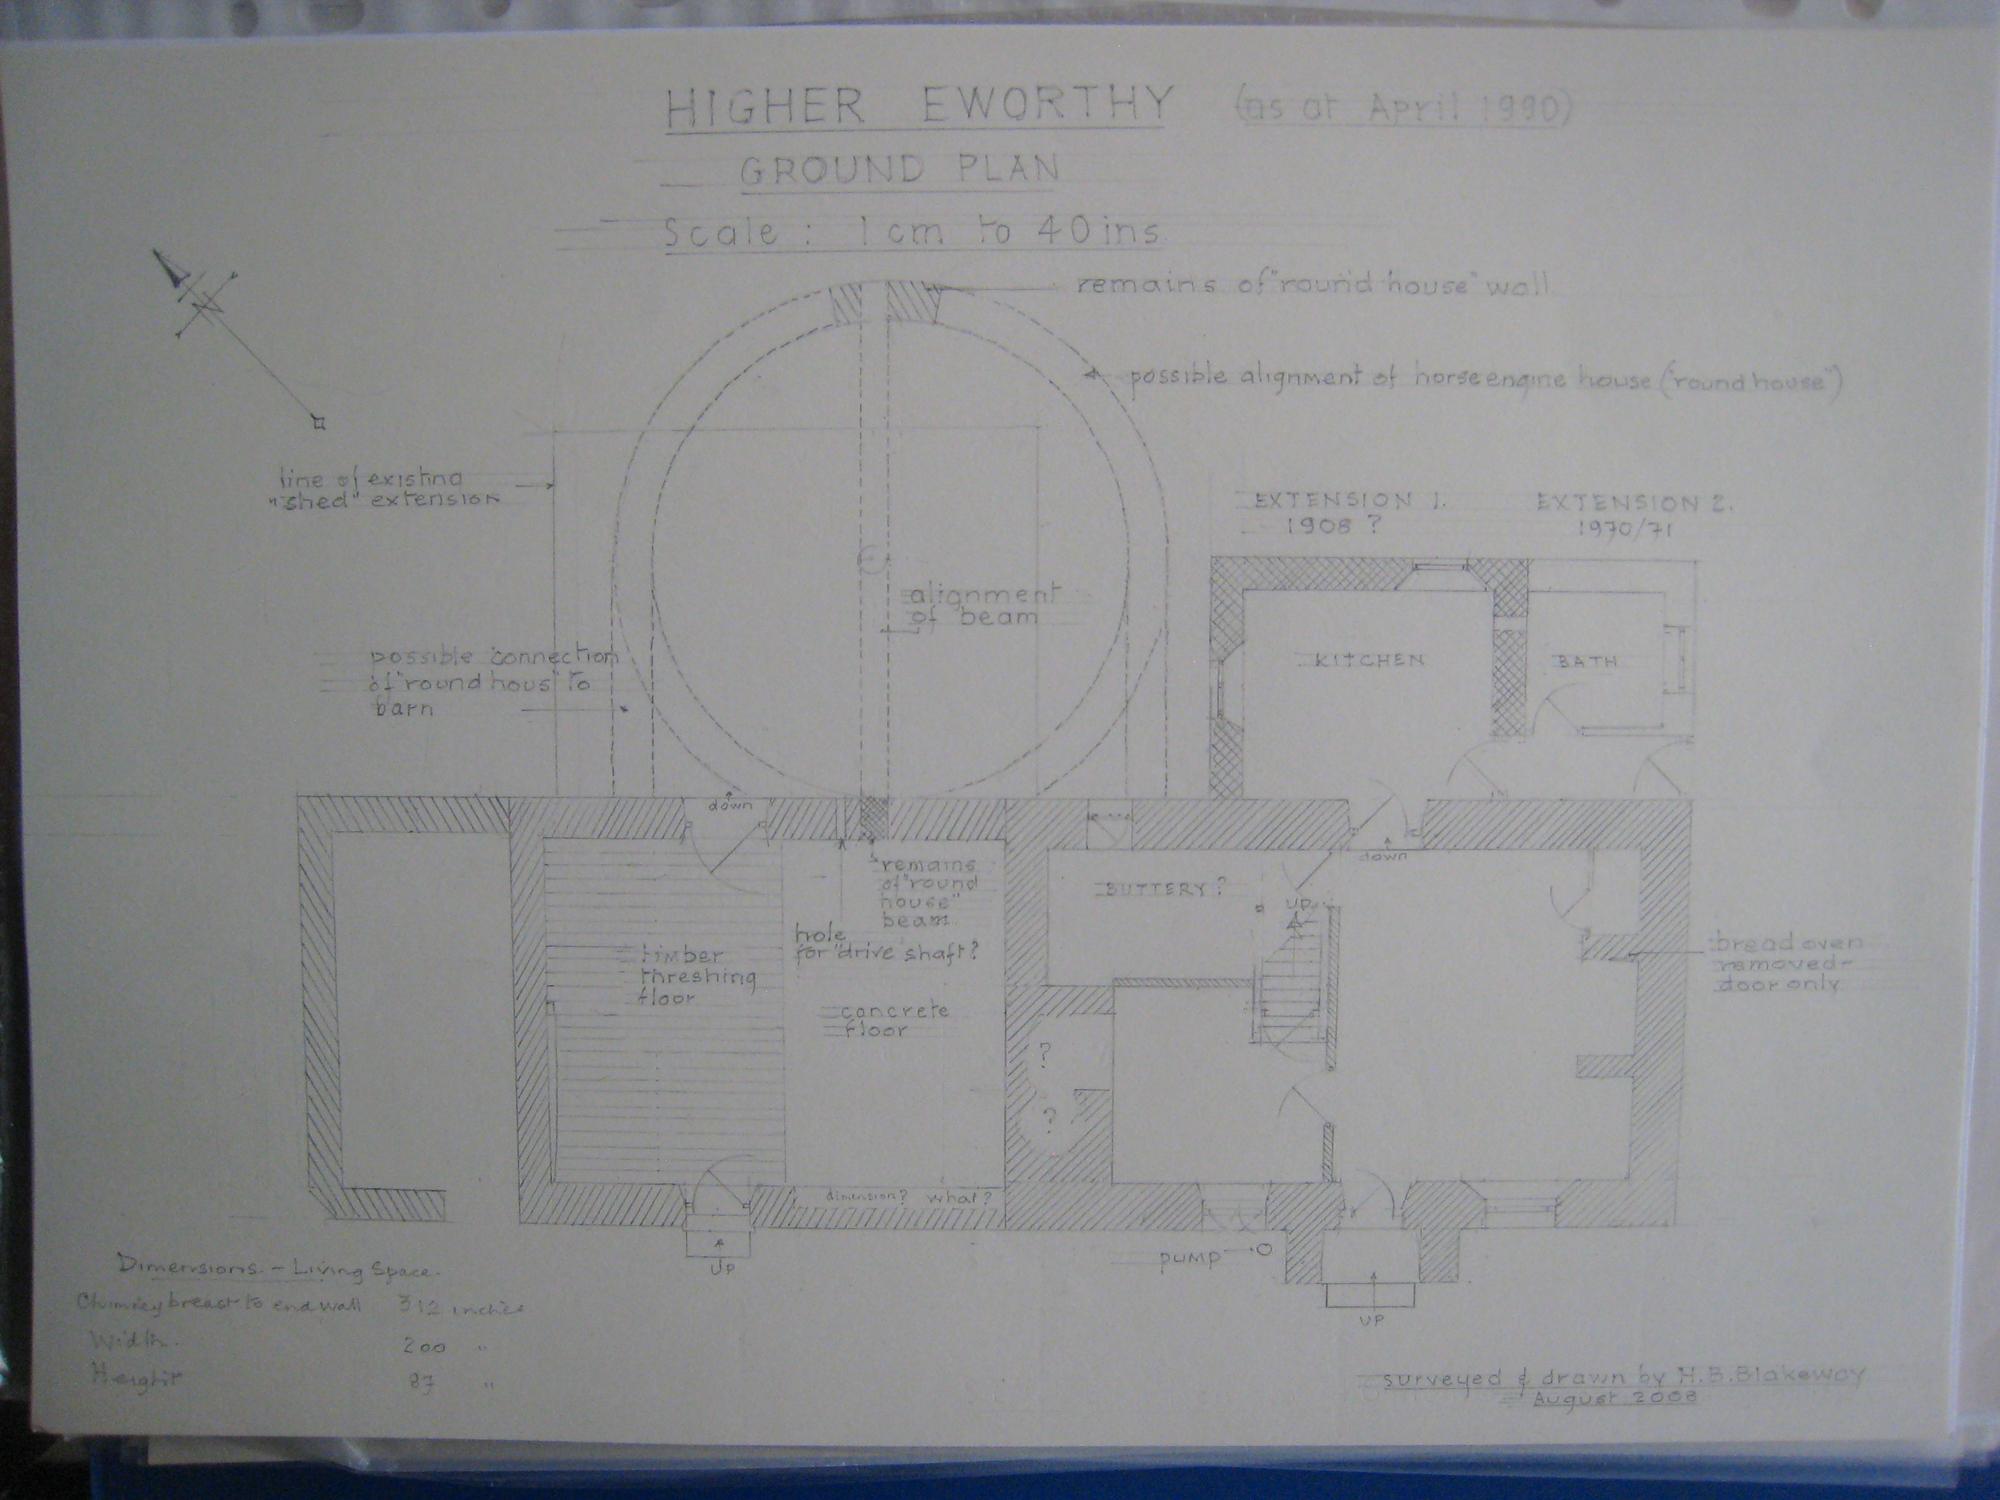 Higher Eworthy Ground Plan 1990